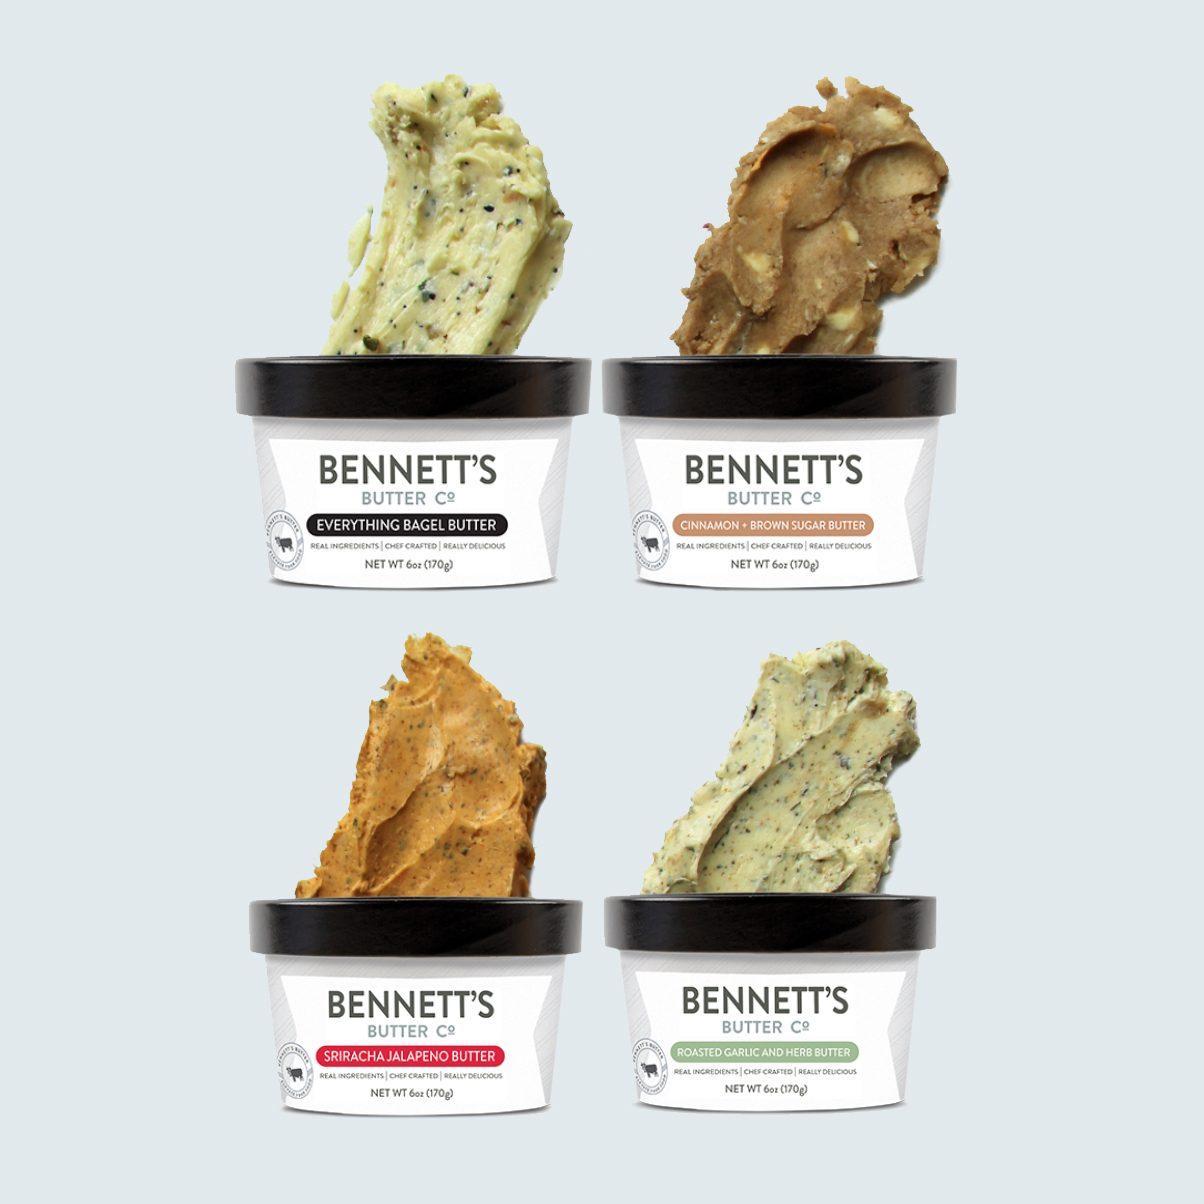 Bennett's Butter Co. The Essentials